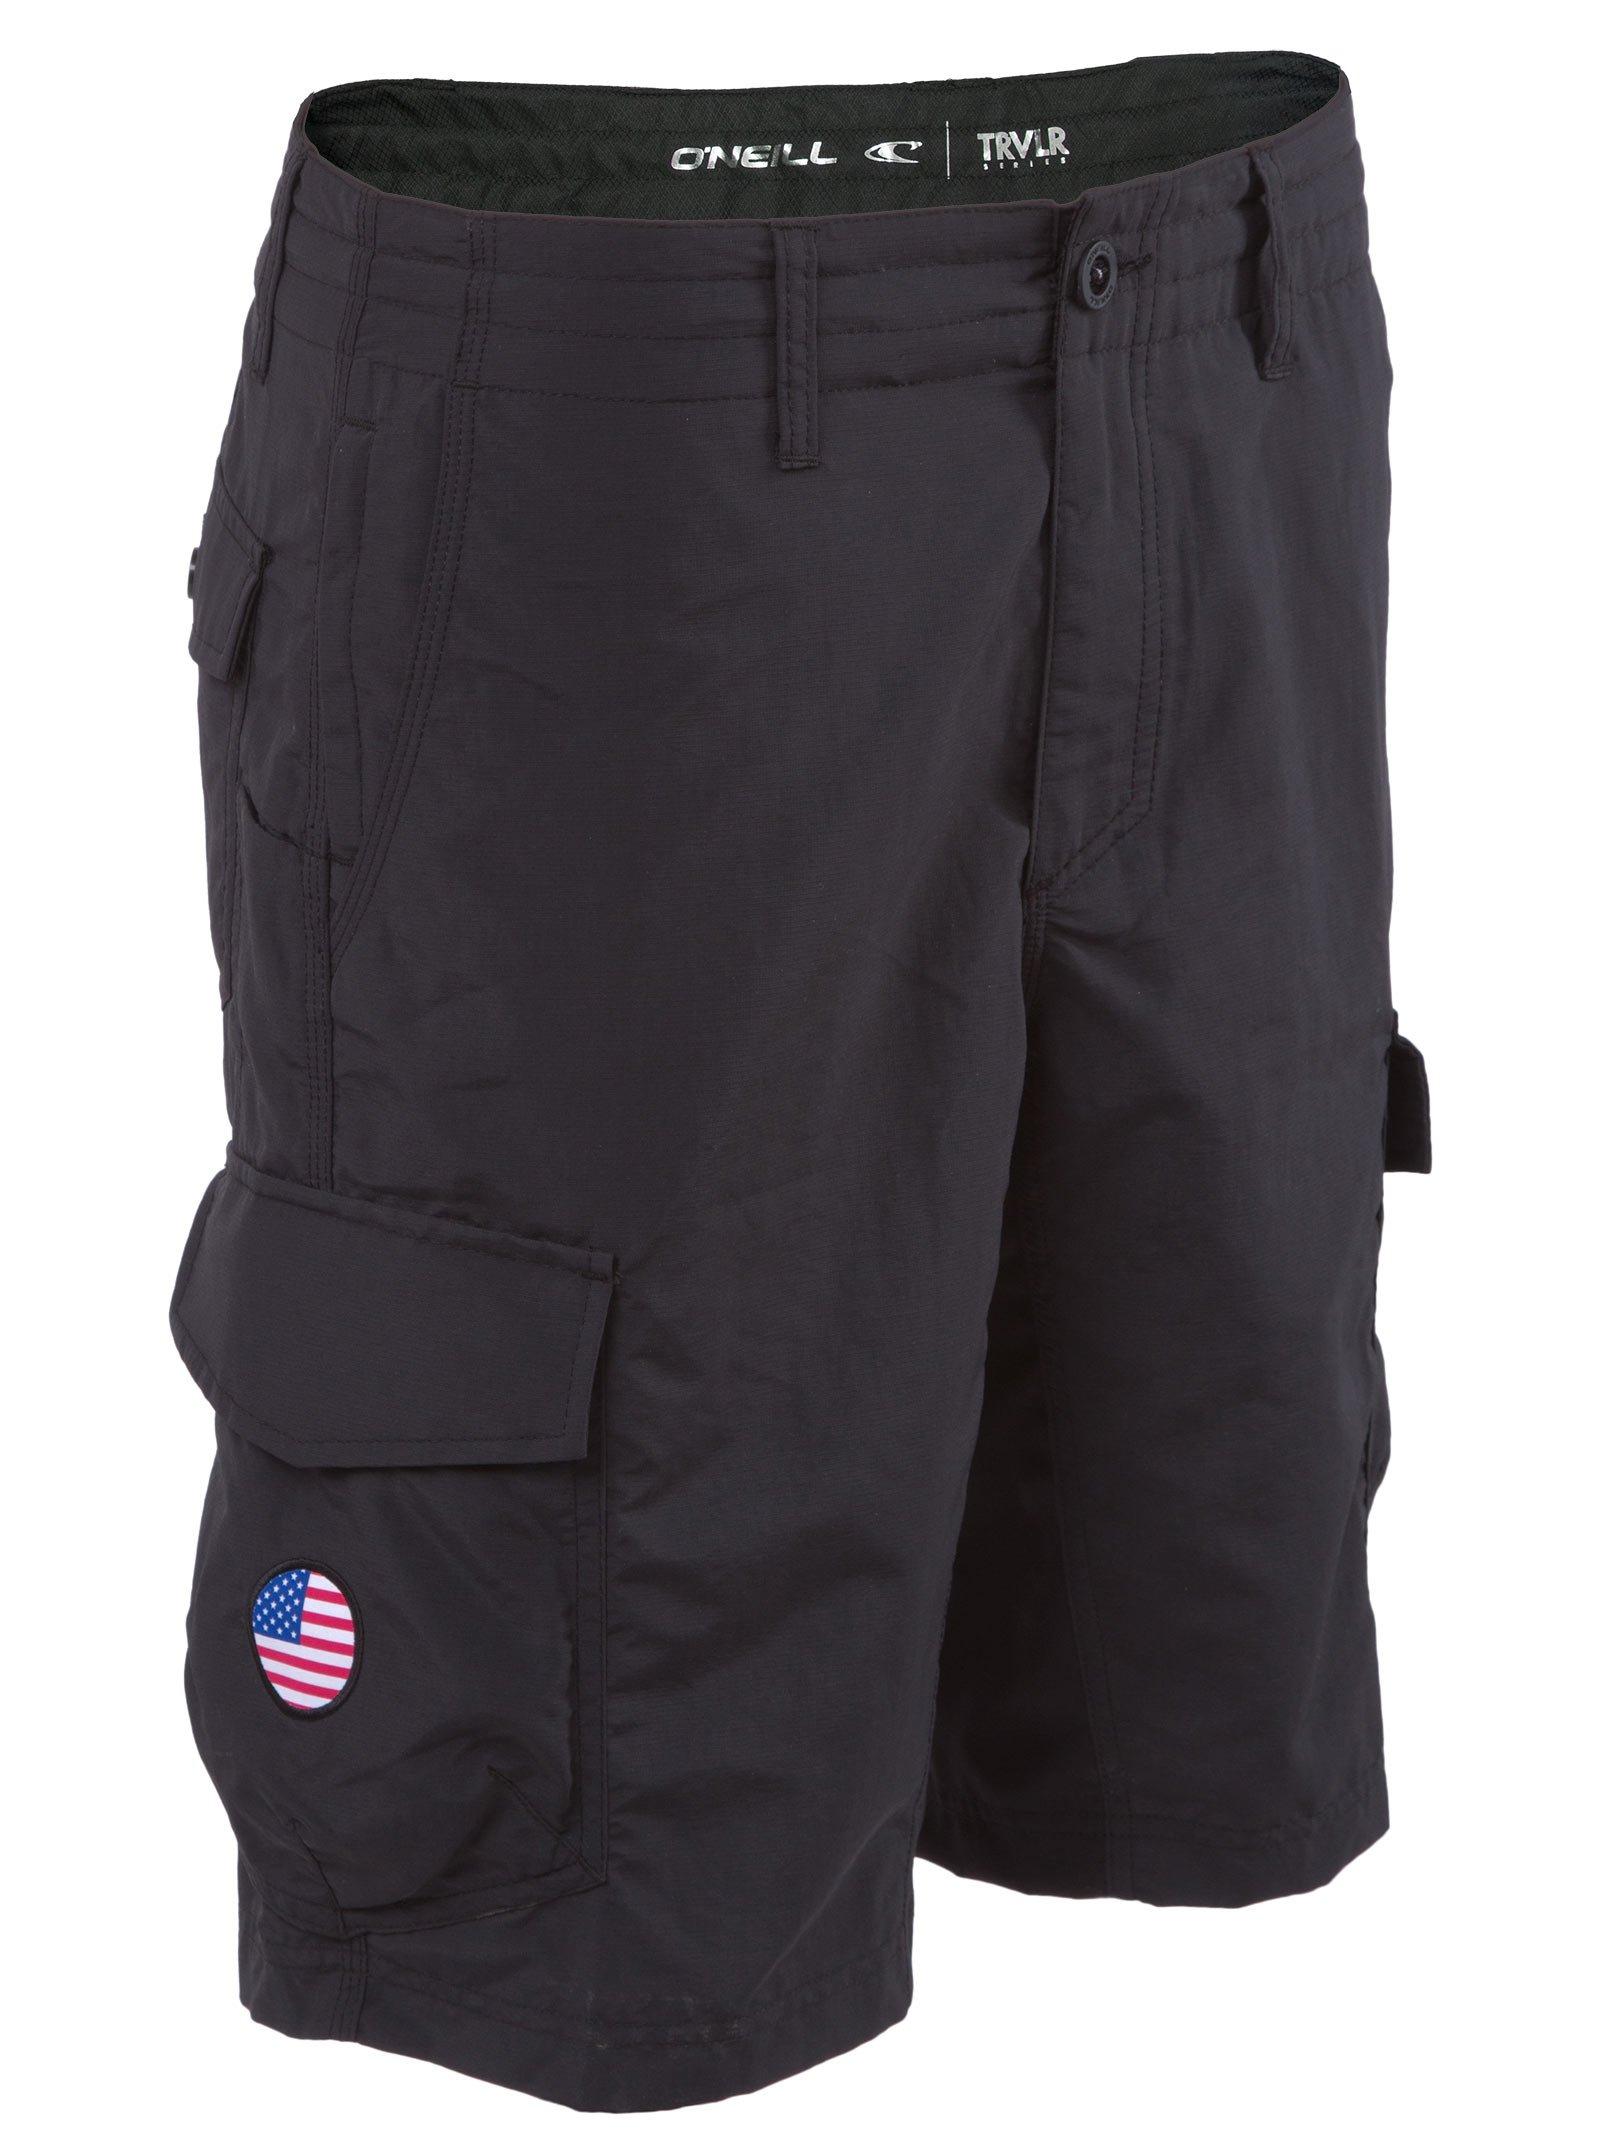 O'Neill GI Jack Traveler Hybrid Boardshorts 40 Solid Black (SU718A101Q)